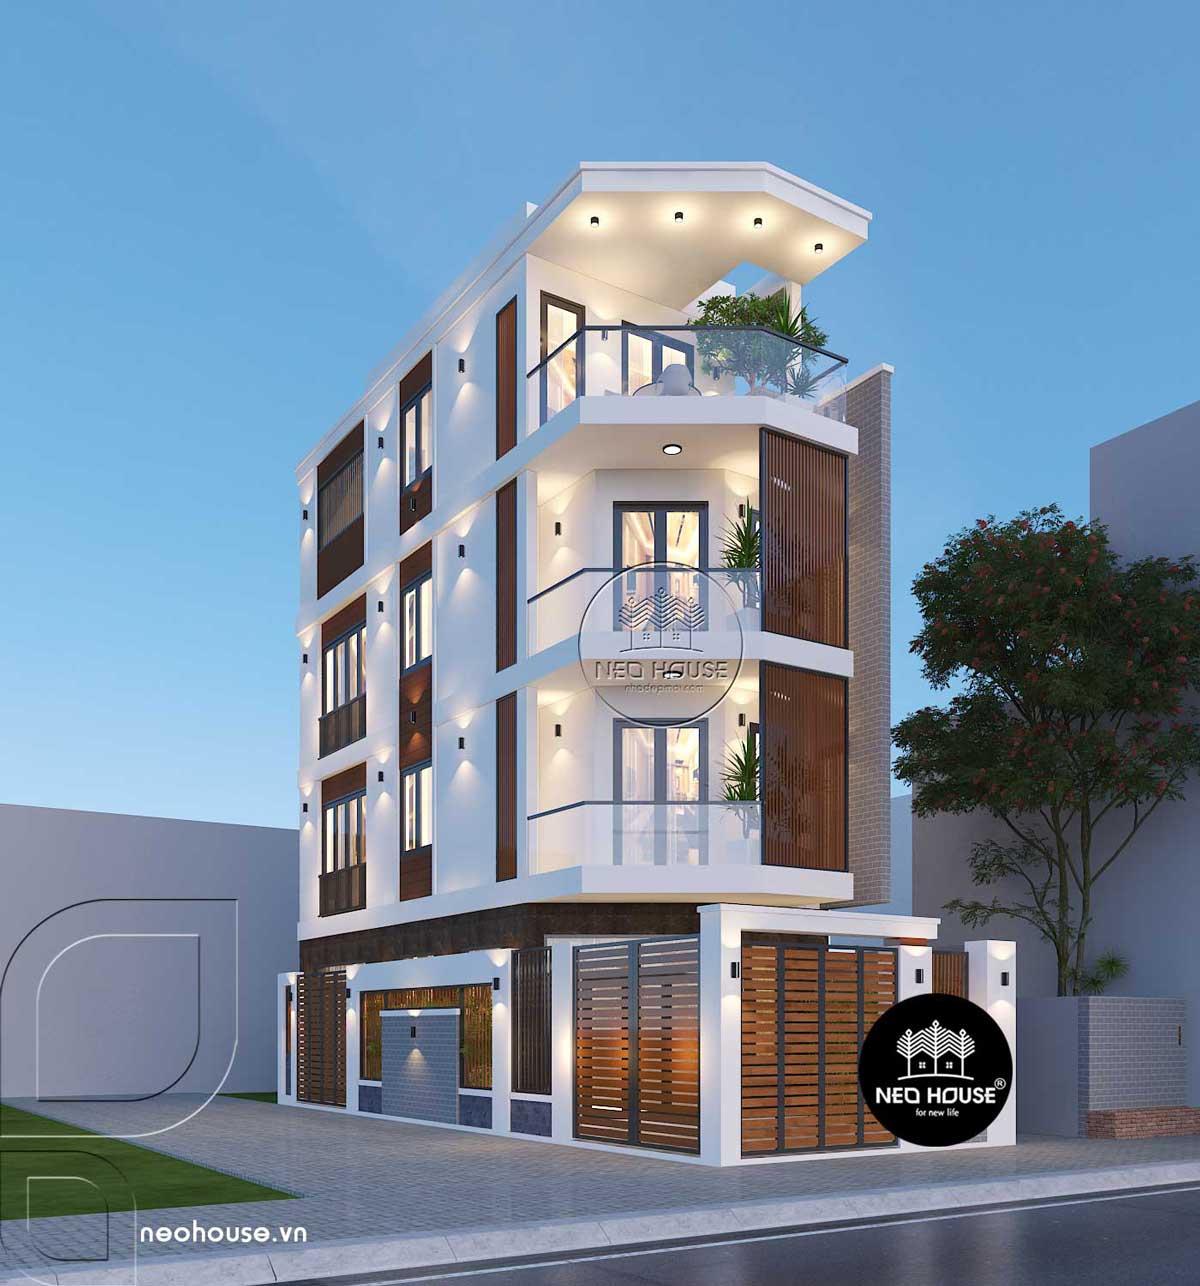 Mẫu thiết kế nhà phố 2 mặt tiền 4 tầng